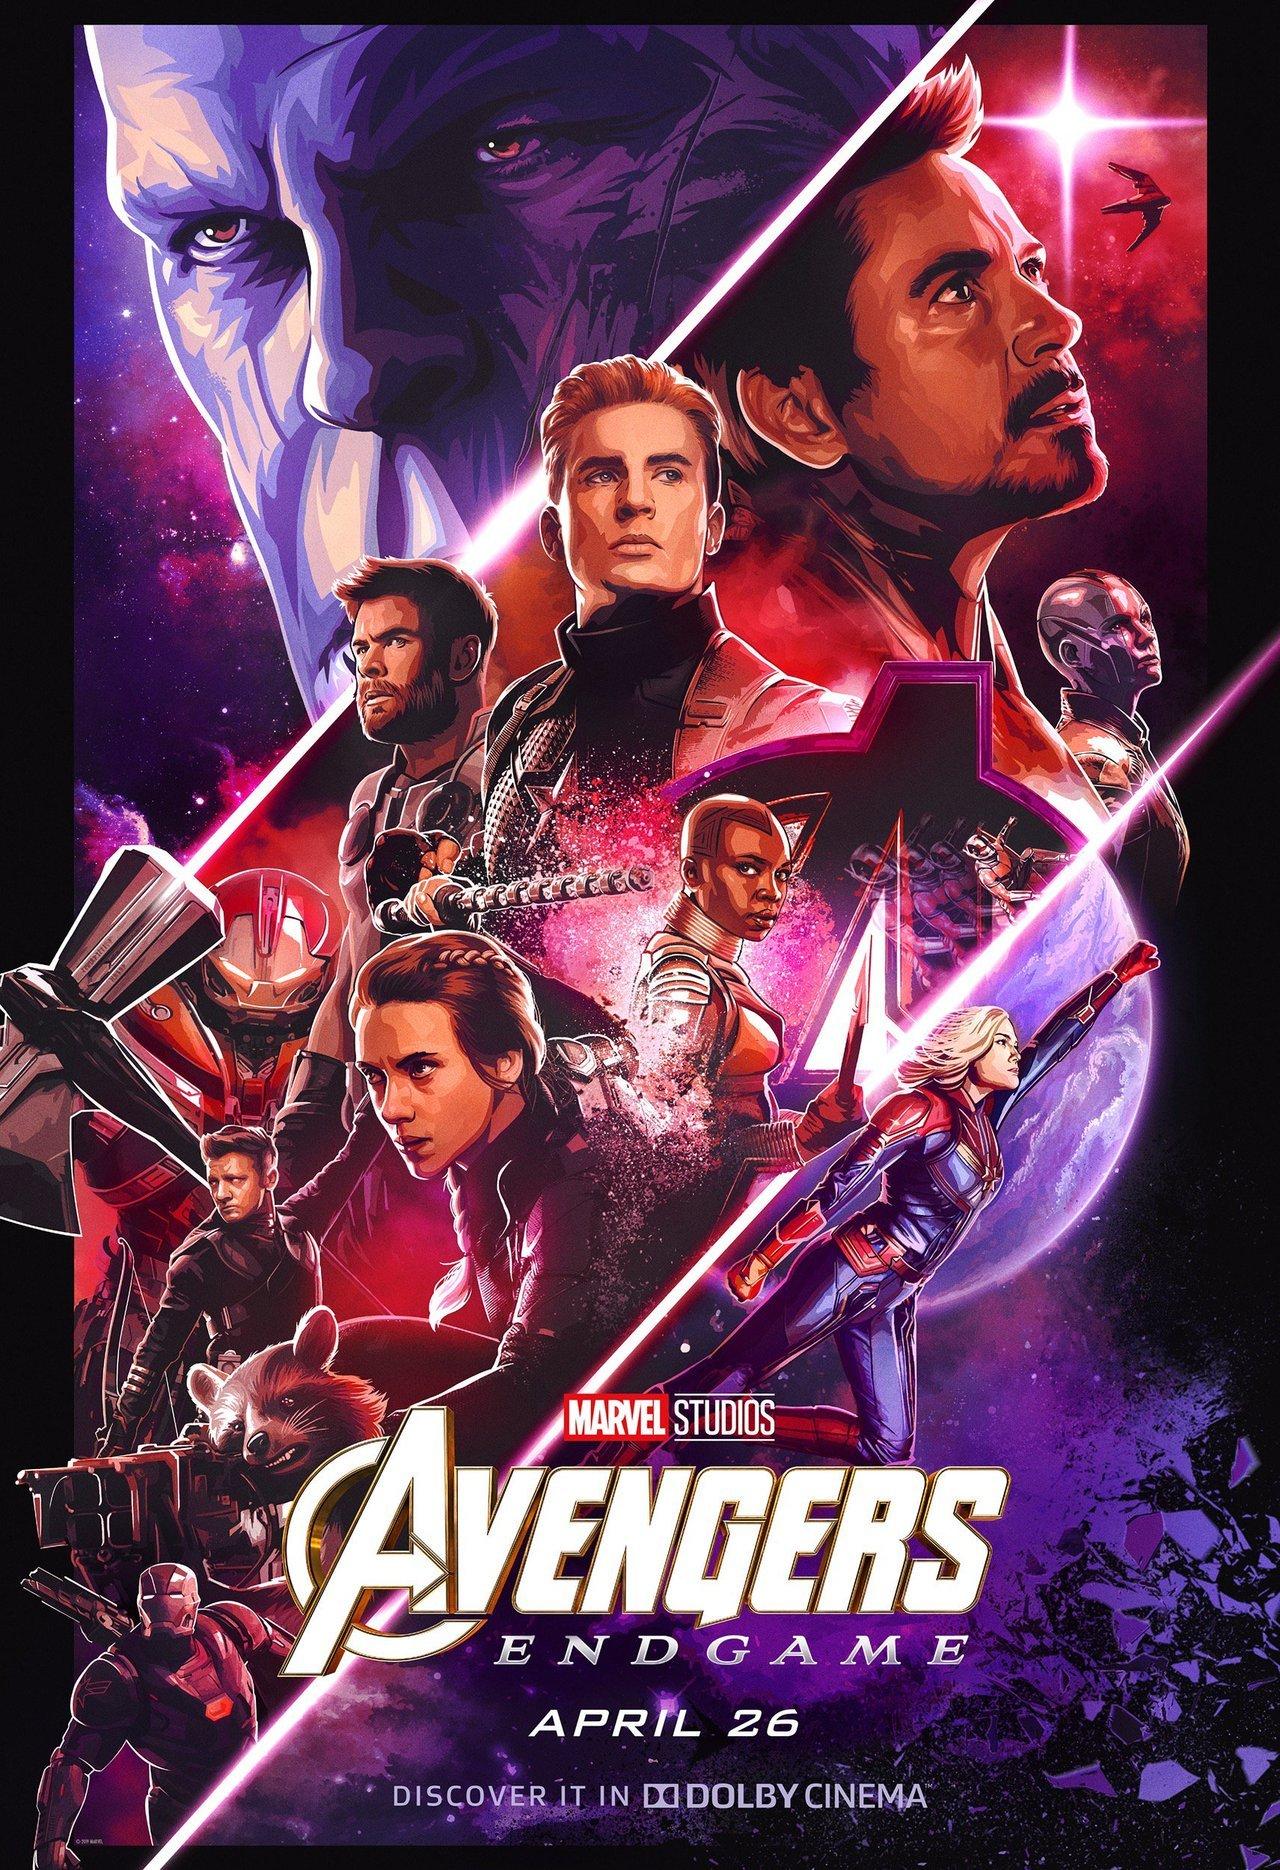 Avengers Endgame Official Poster Hd Wallpaper